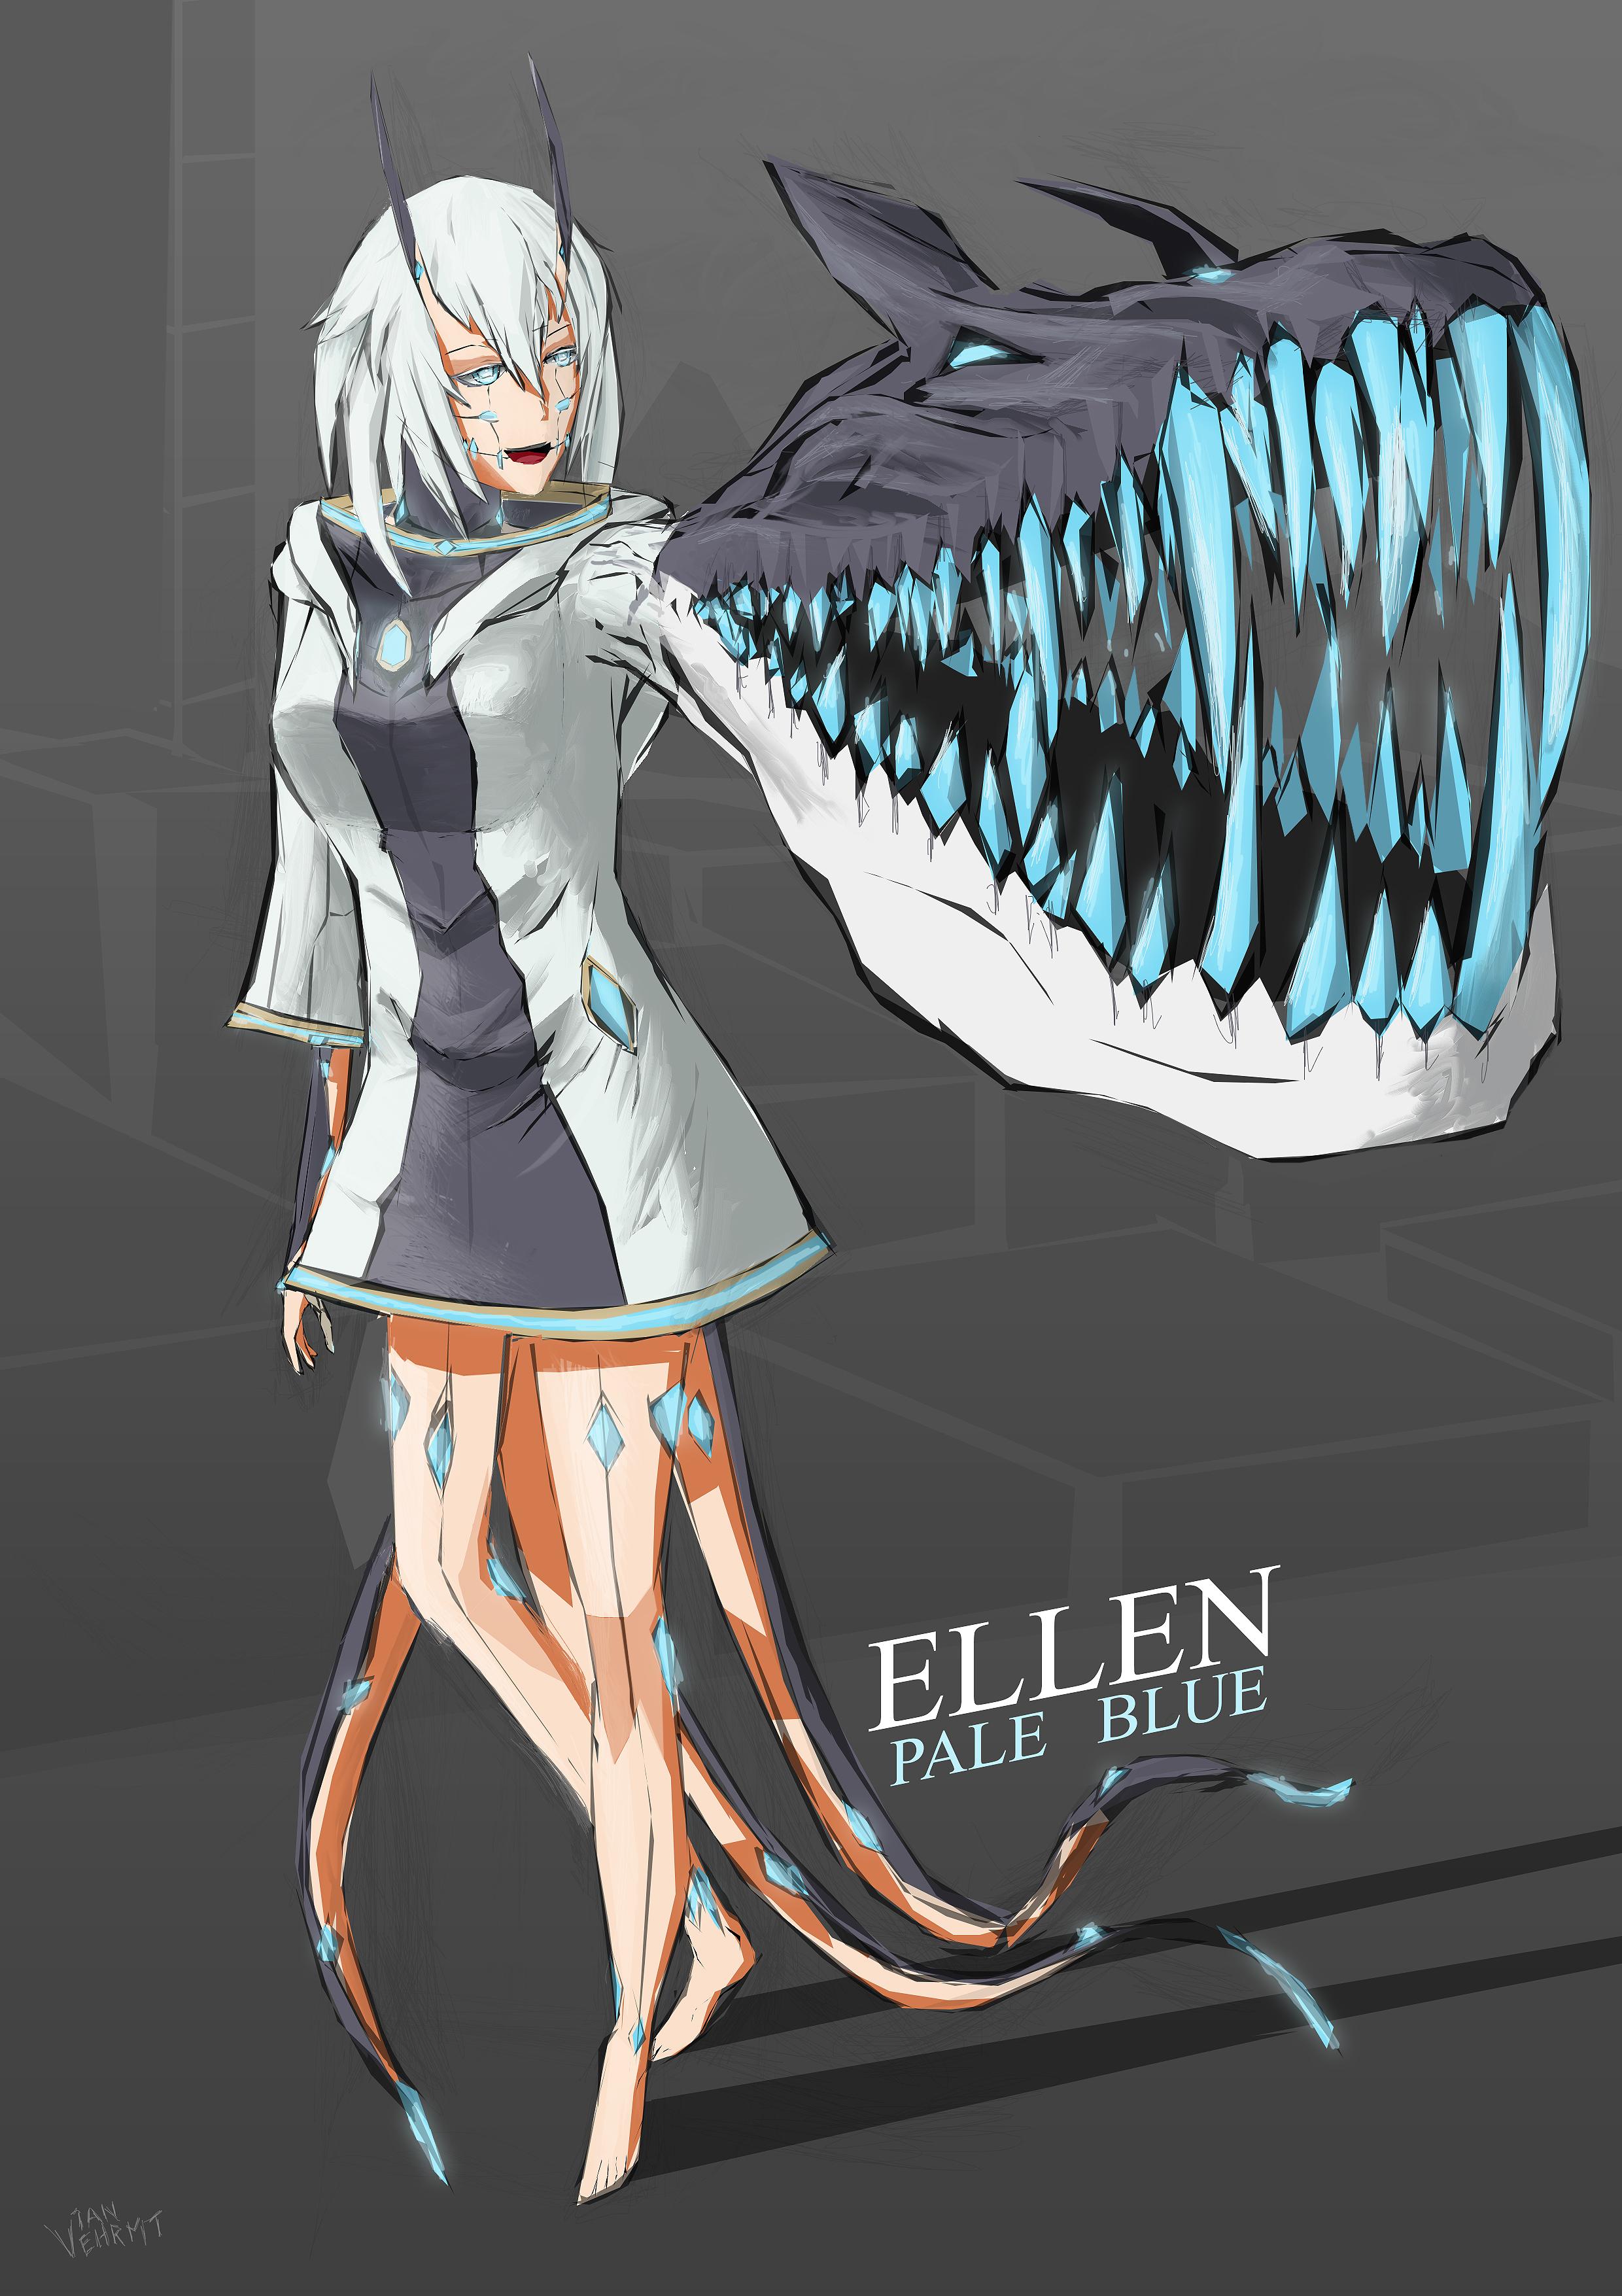 Pale Blue - Ellen